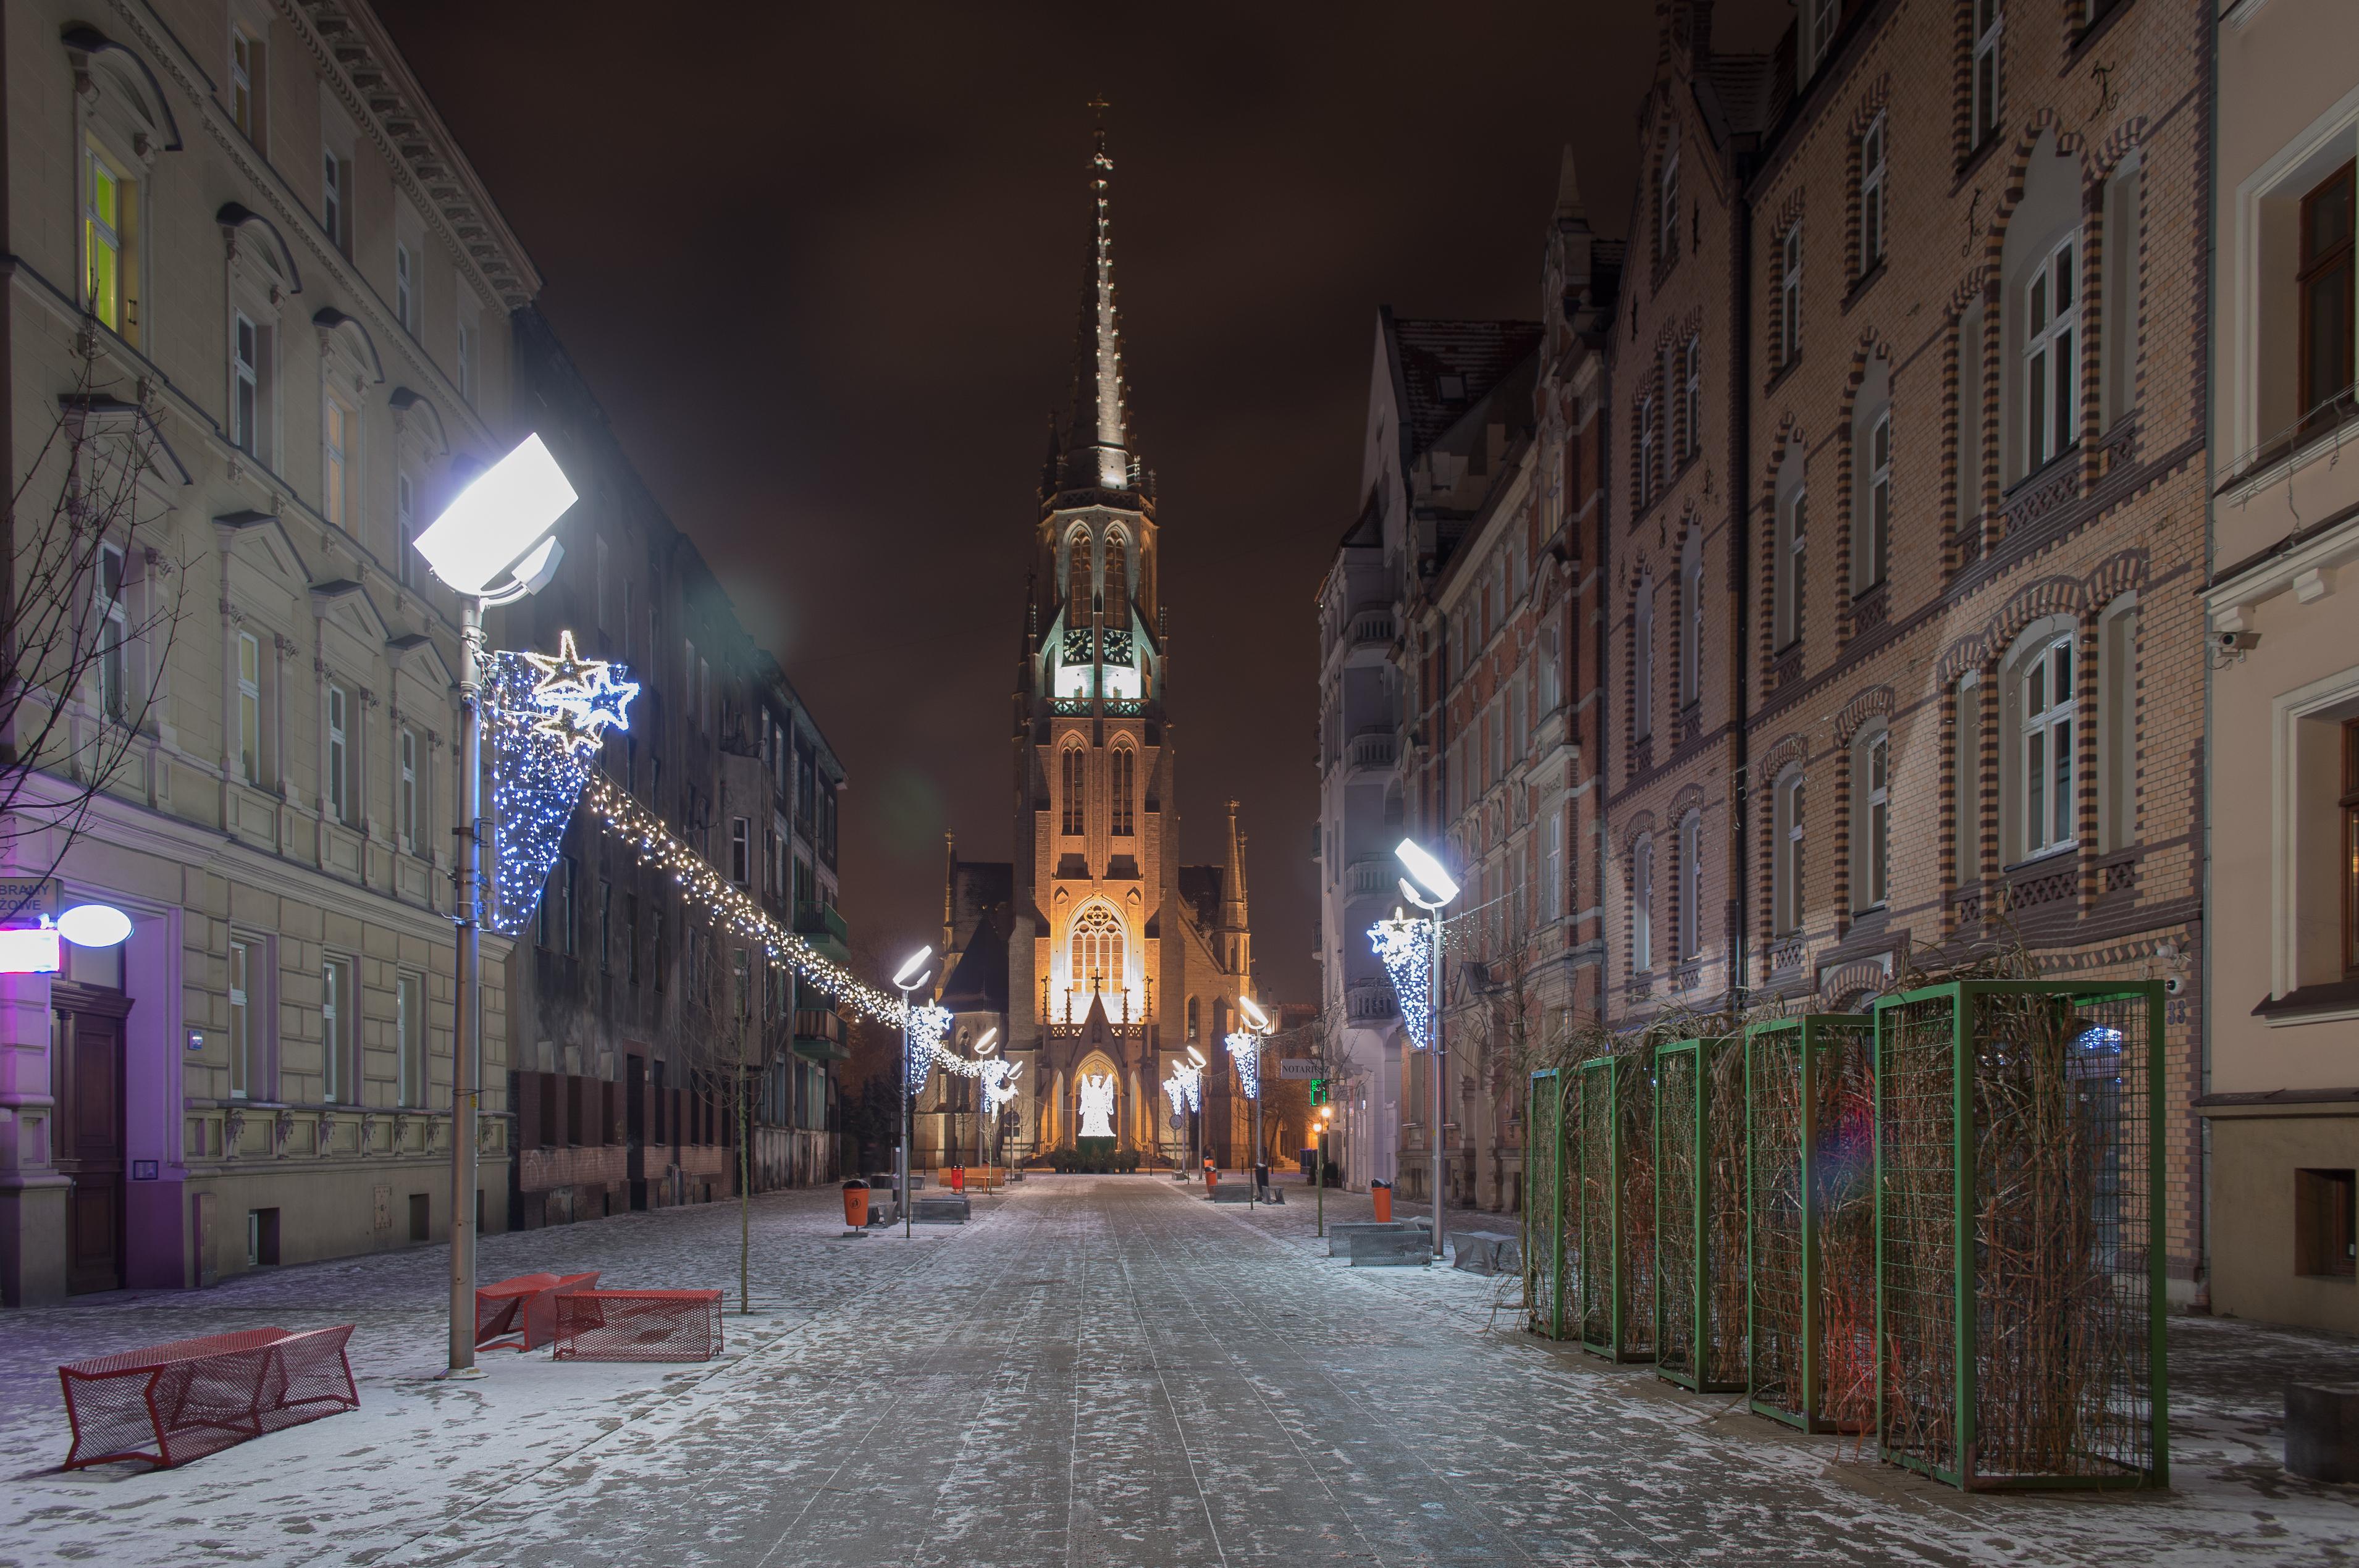 Kościół Mariacki zimowym wieczorem (widok z ul. Mariackiej)